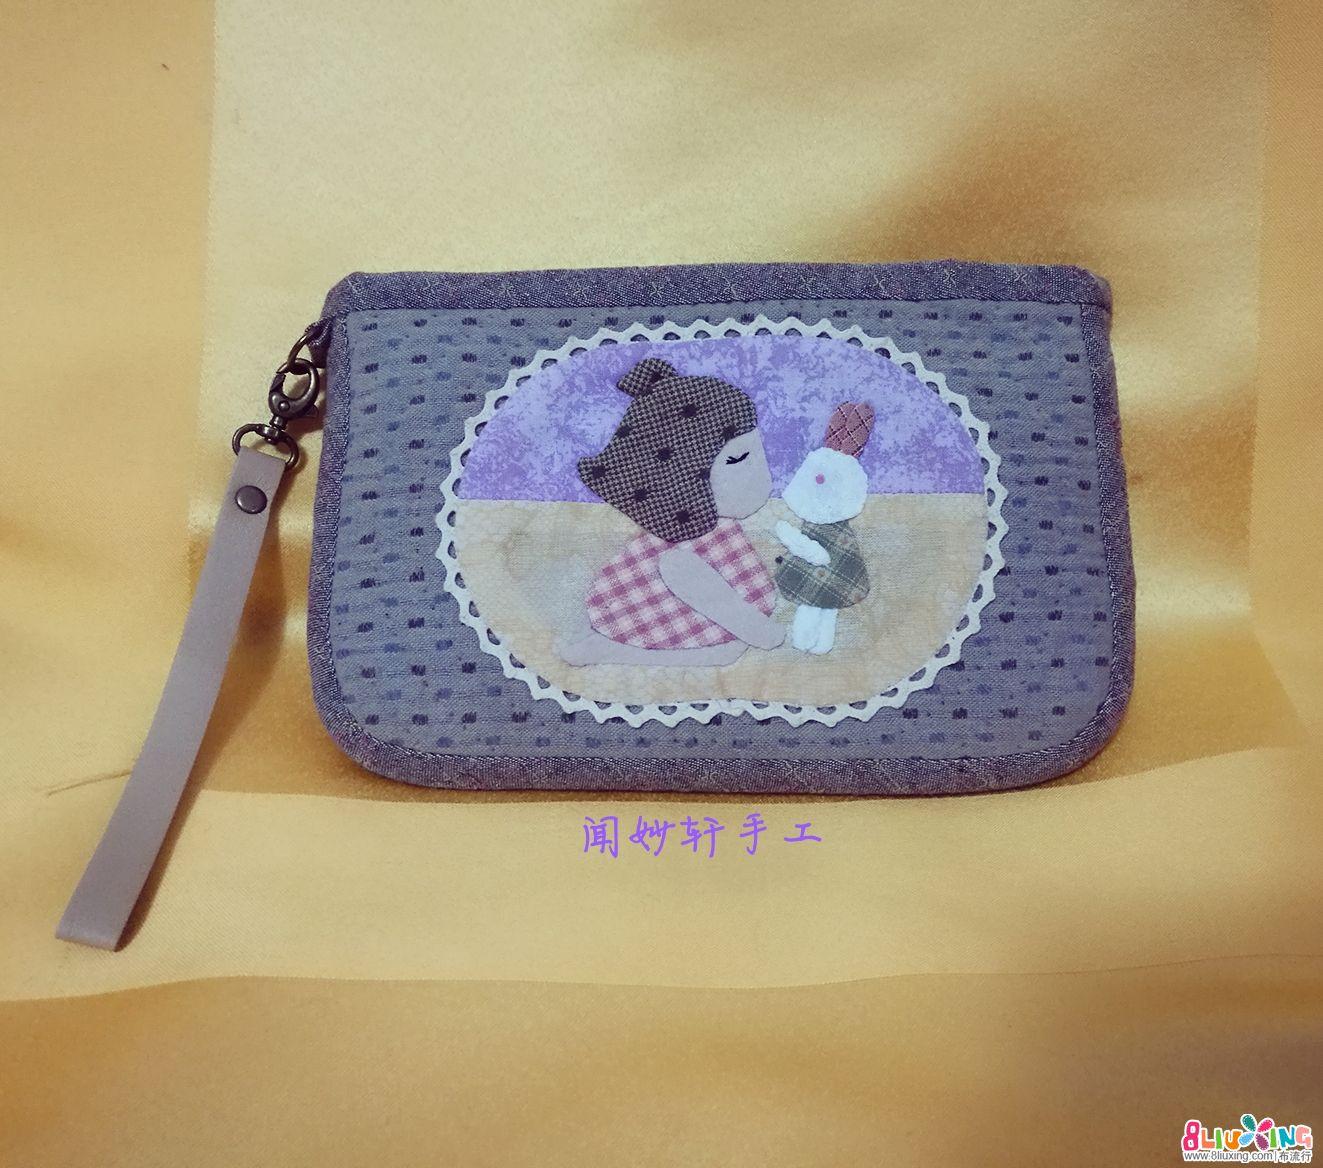 【闻妙轩手工】——女孩与小兔手机包